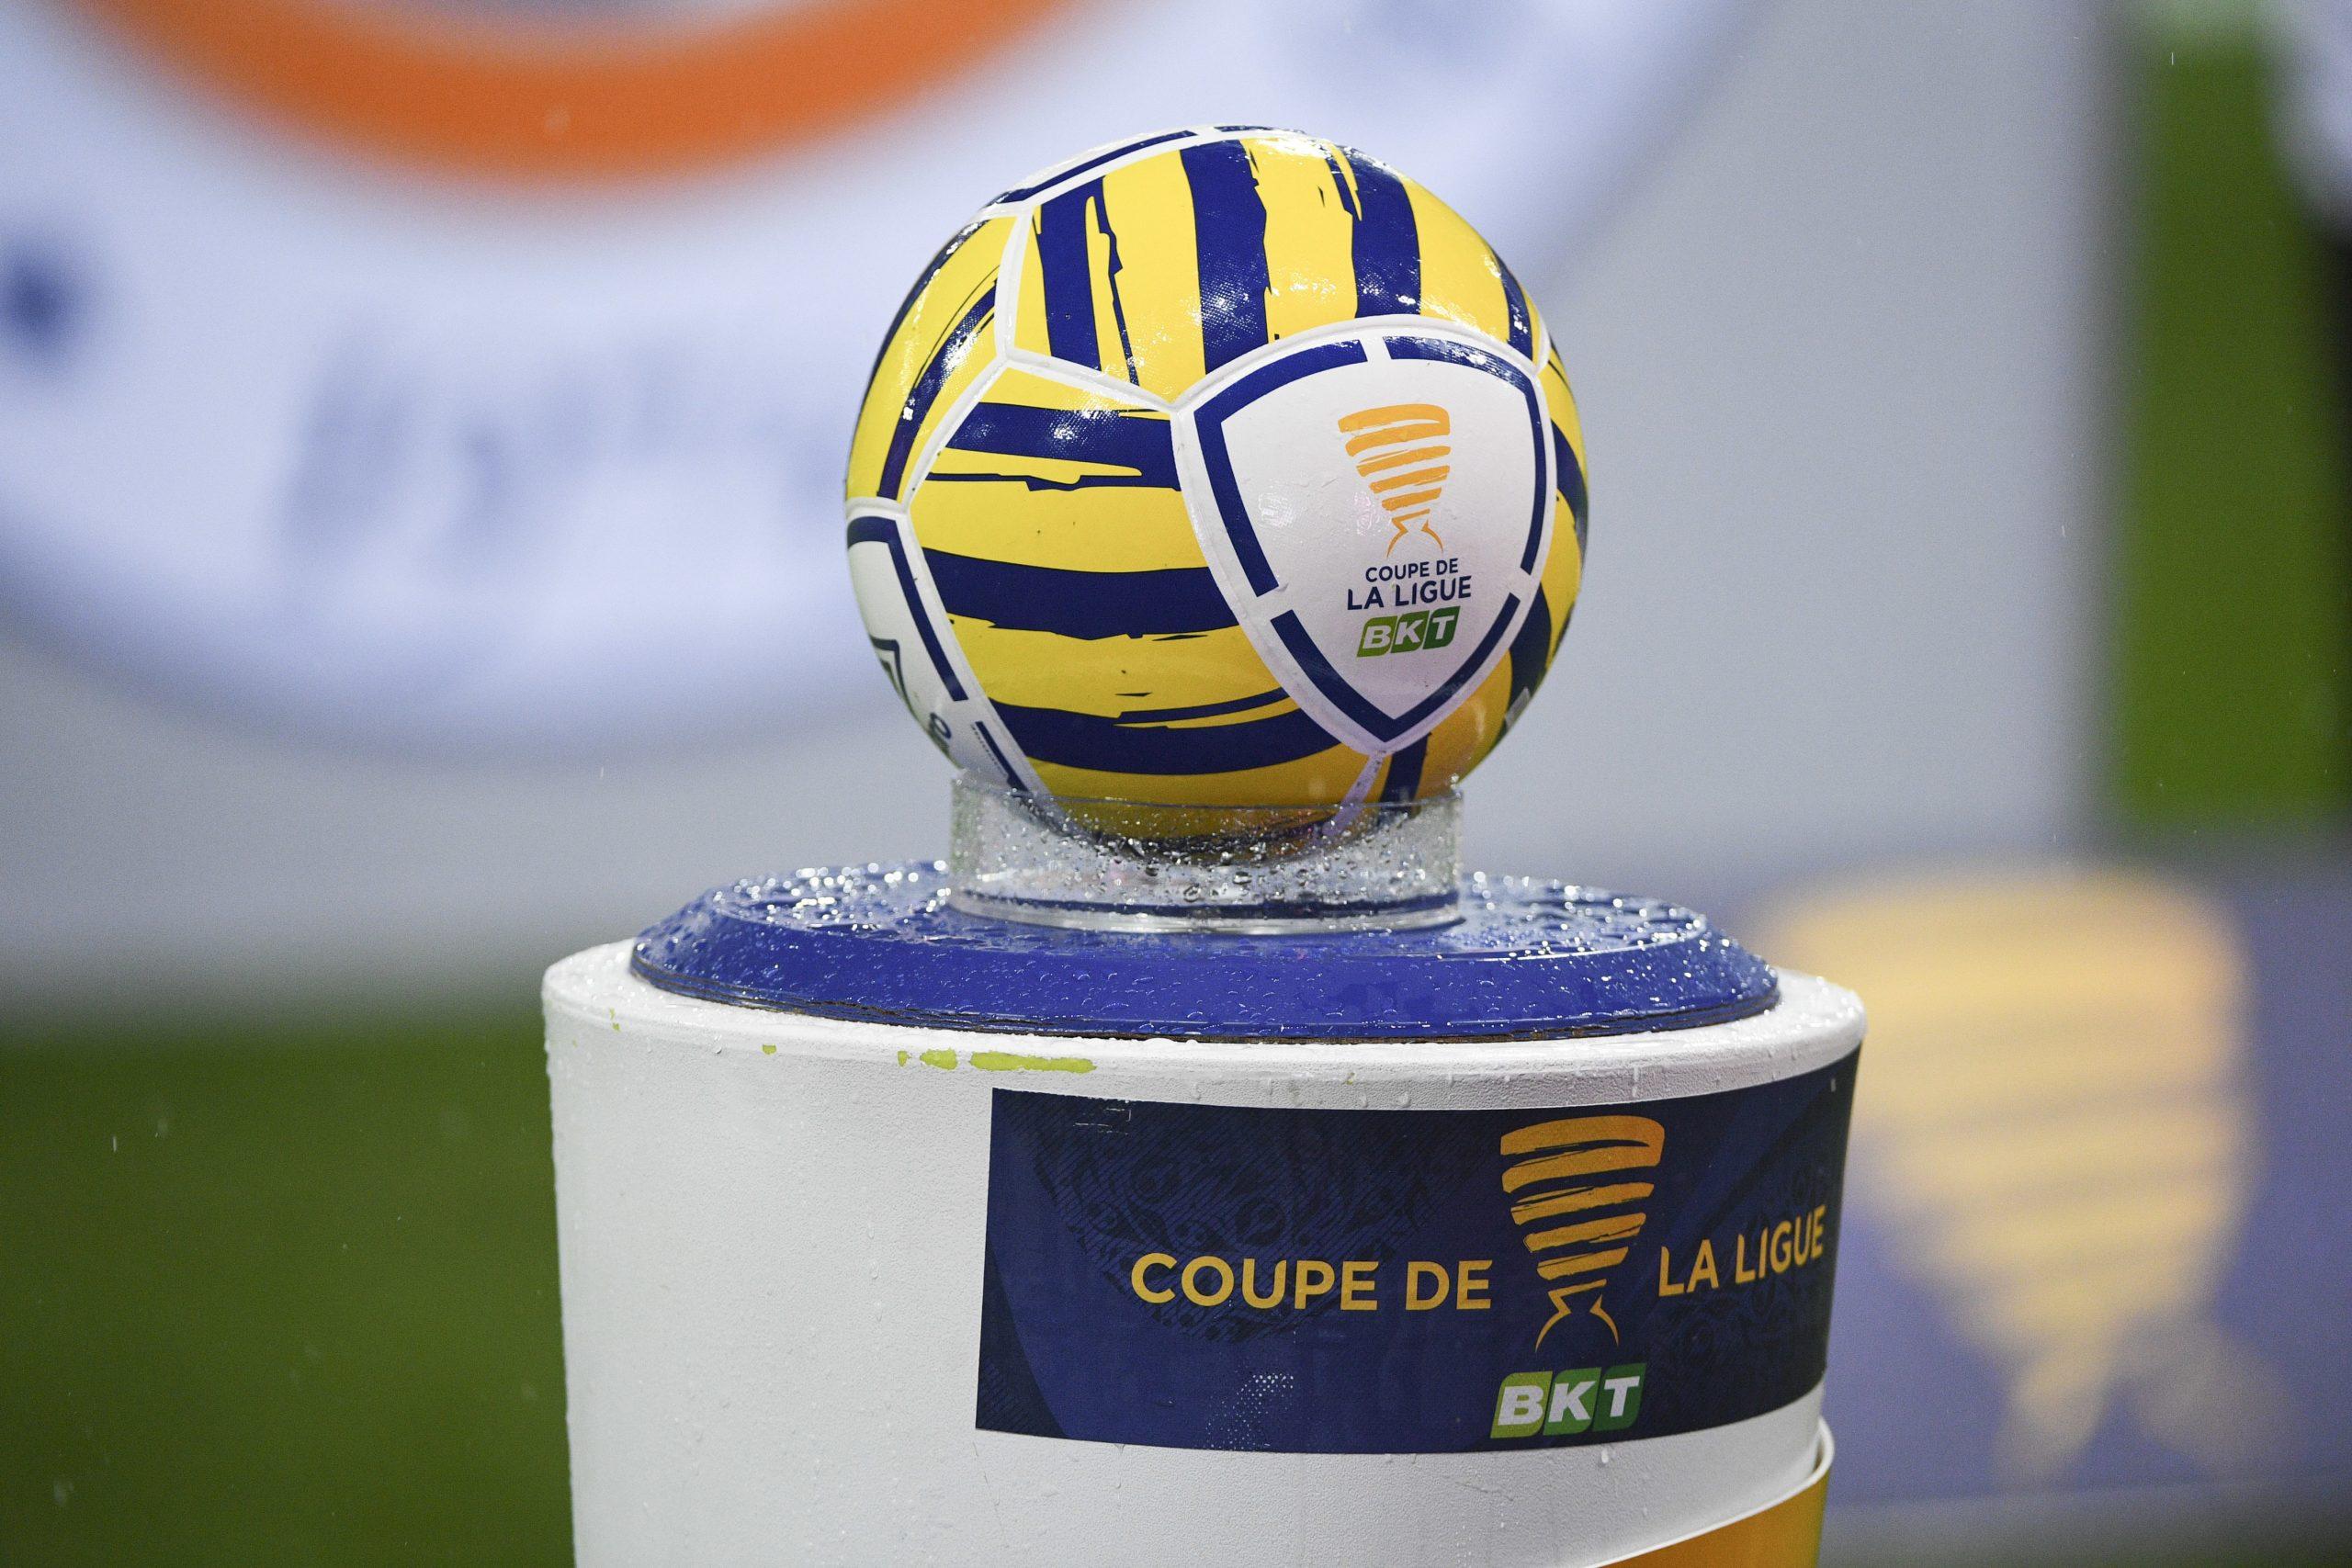 La finale de Coupe de la Ligue entre le PSG et l'OL pourrait être reportée, selon RMC Sport